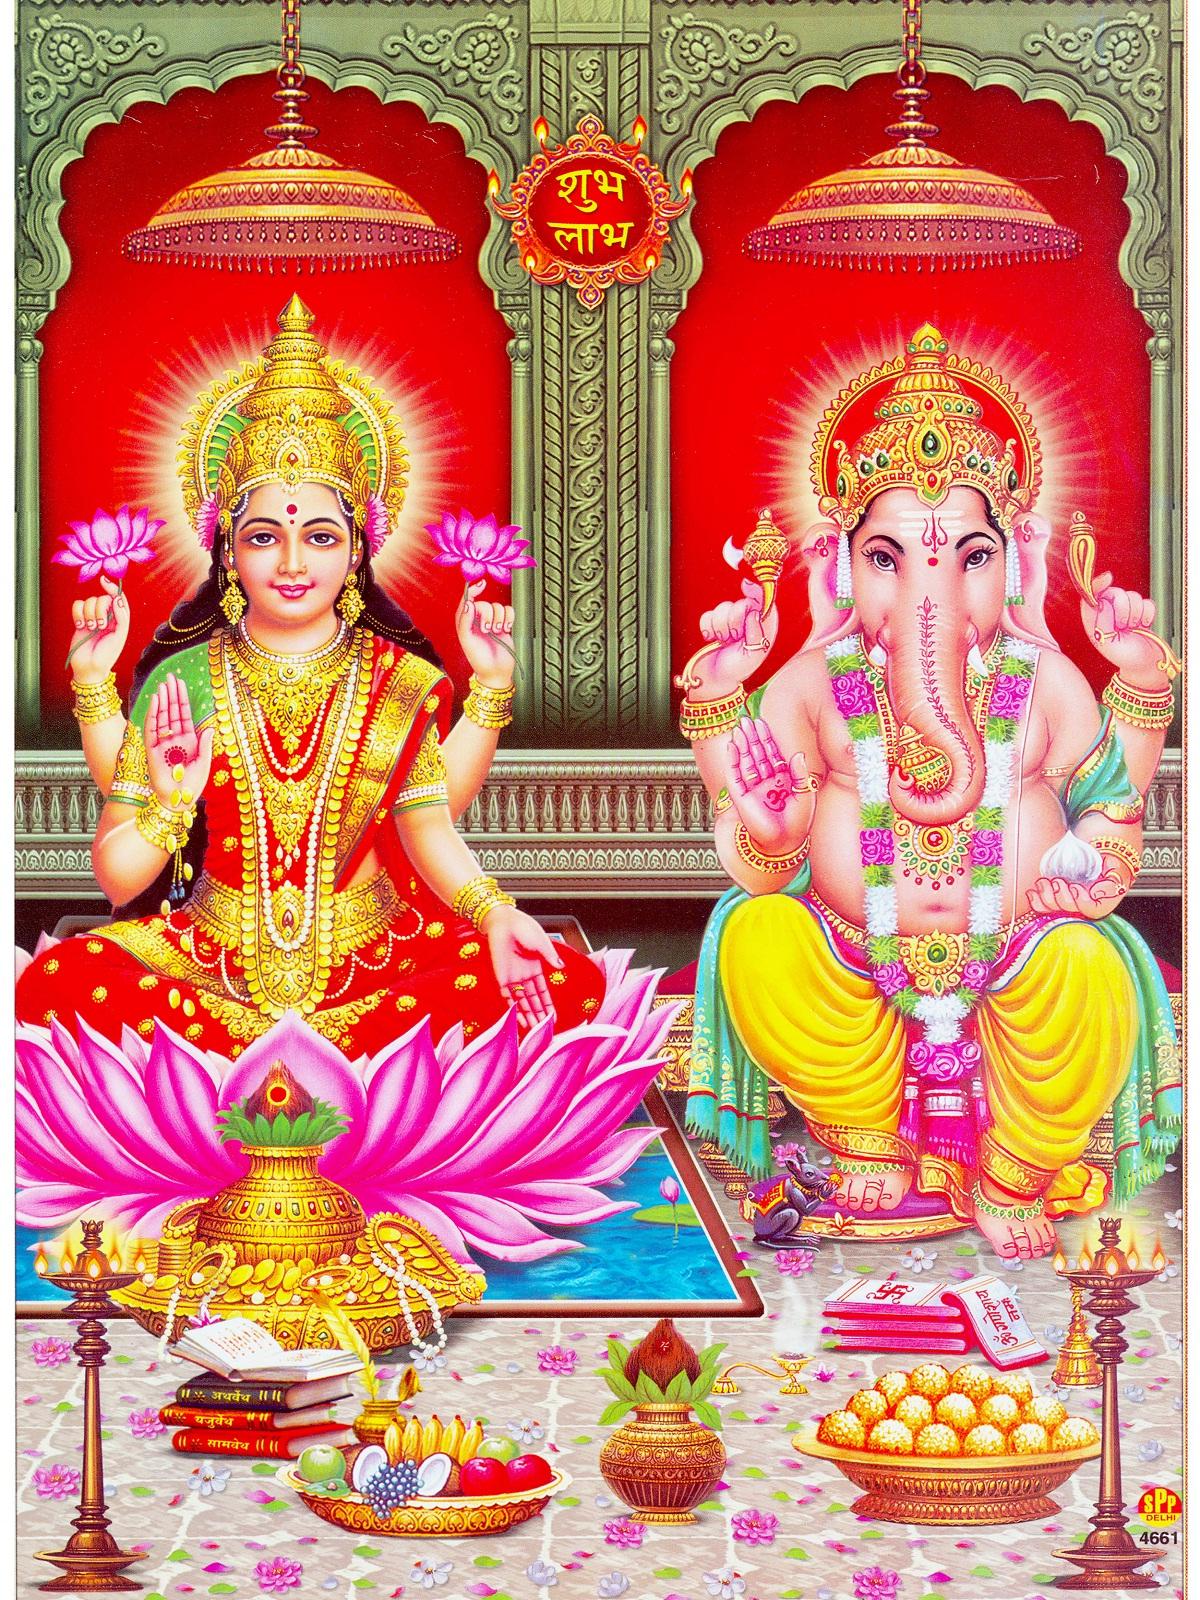 Goddess laxmi and Lord Ganesha